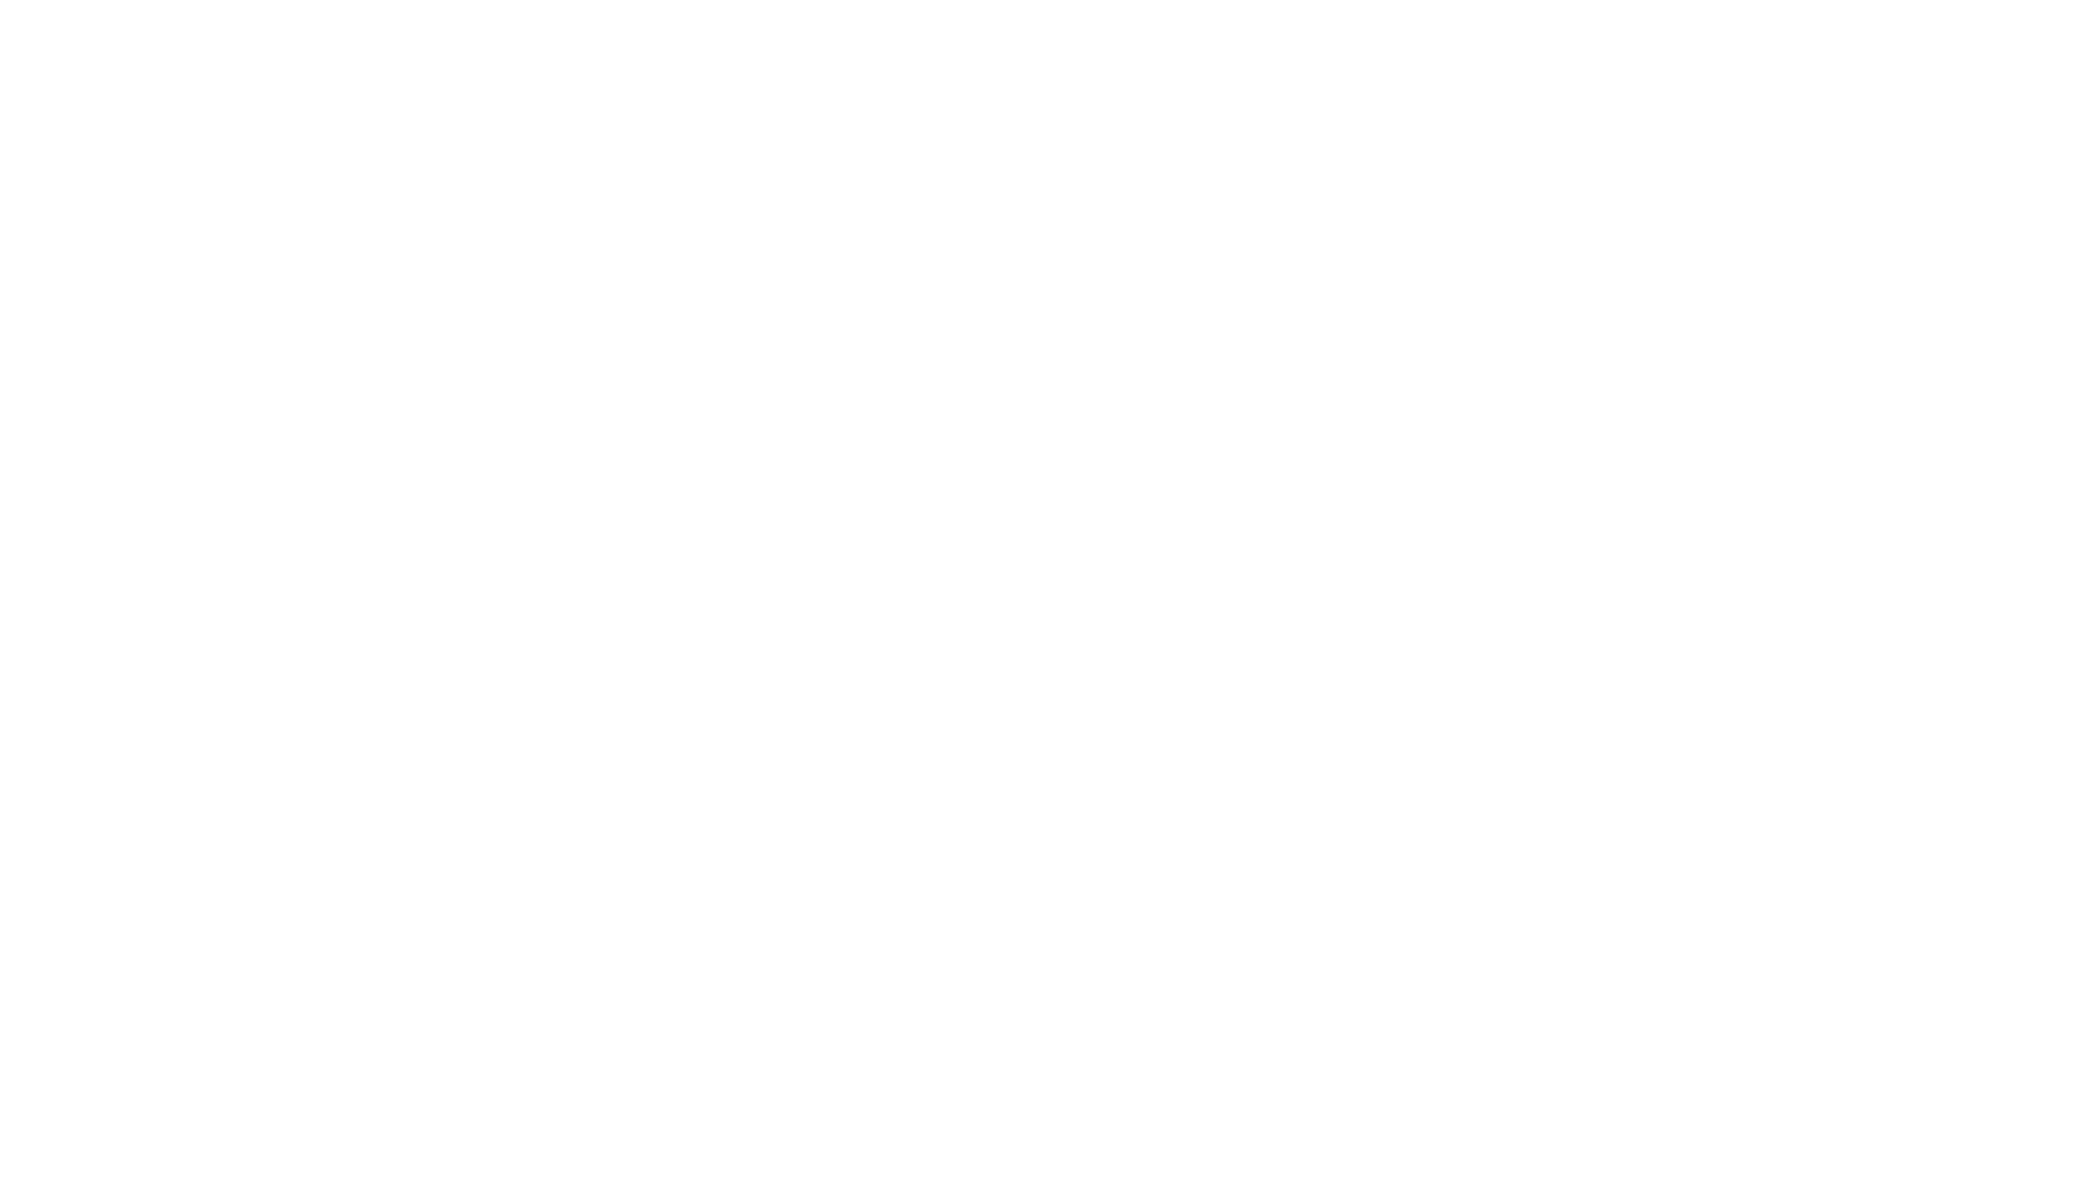 CSS3 FLEX YAPISI, GRID YAPIMI